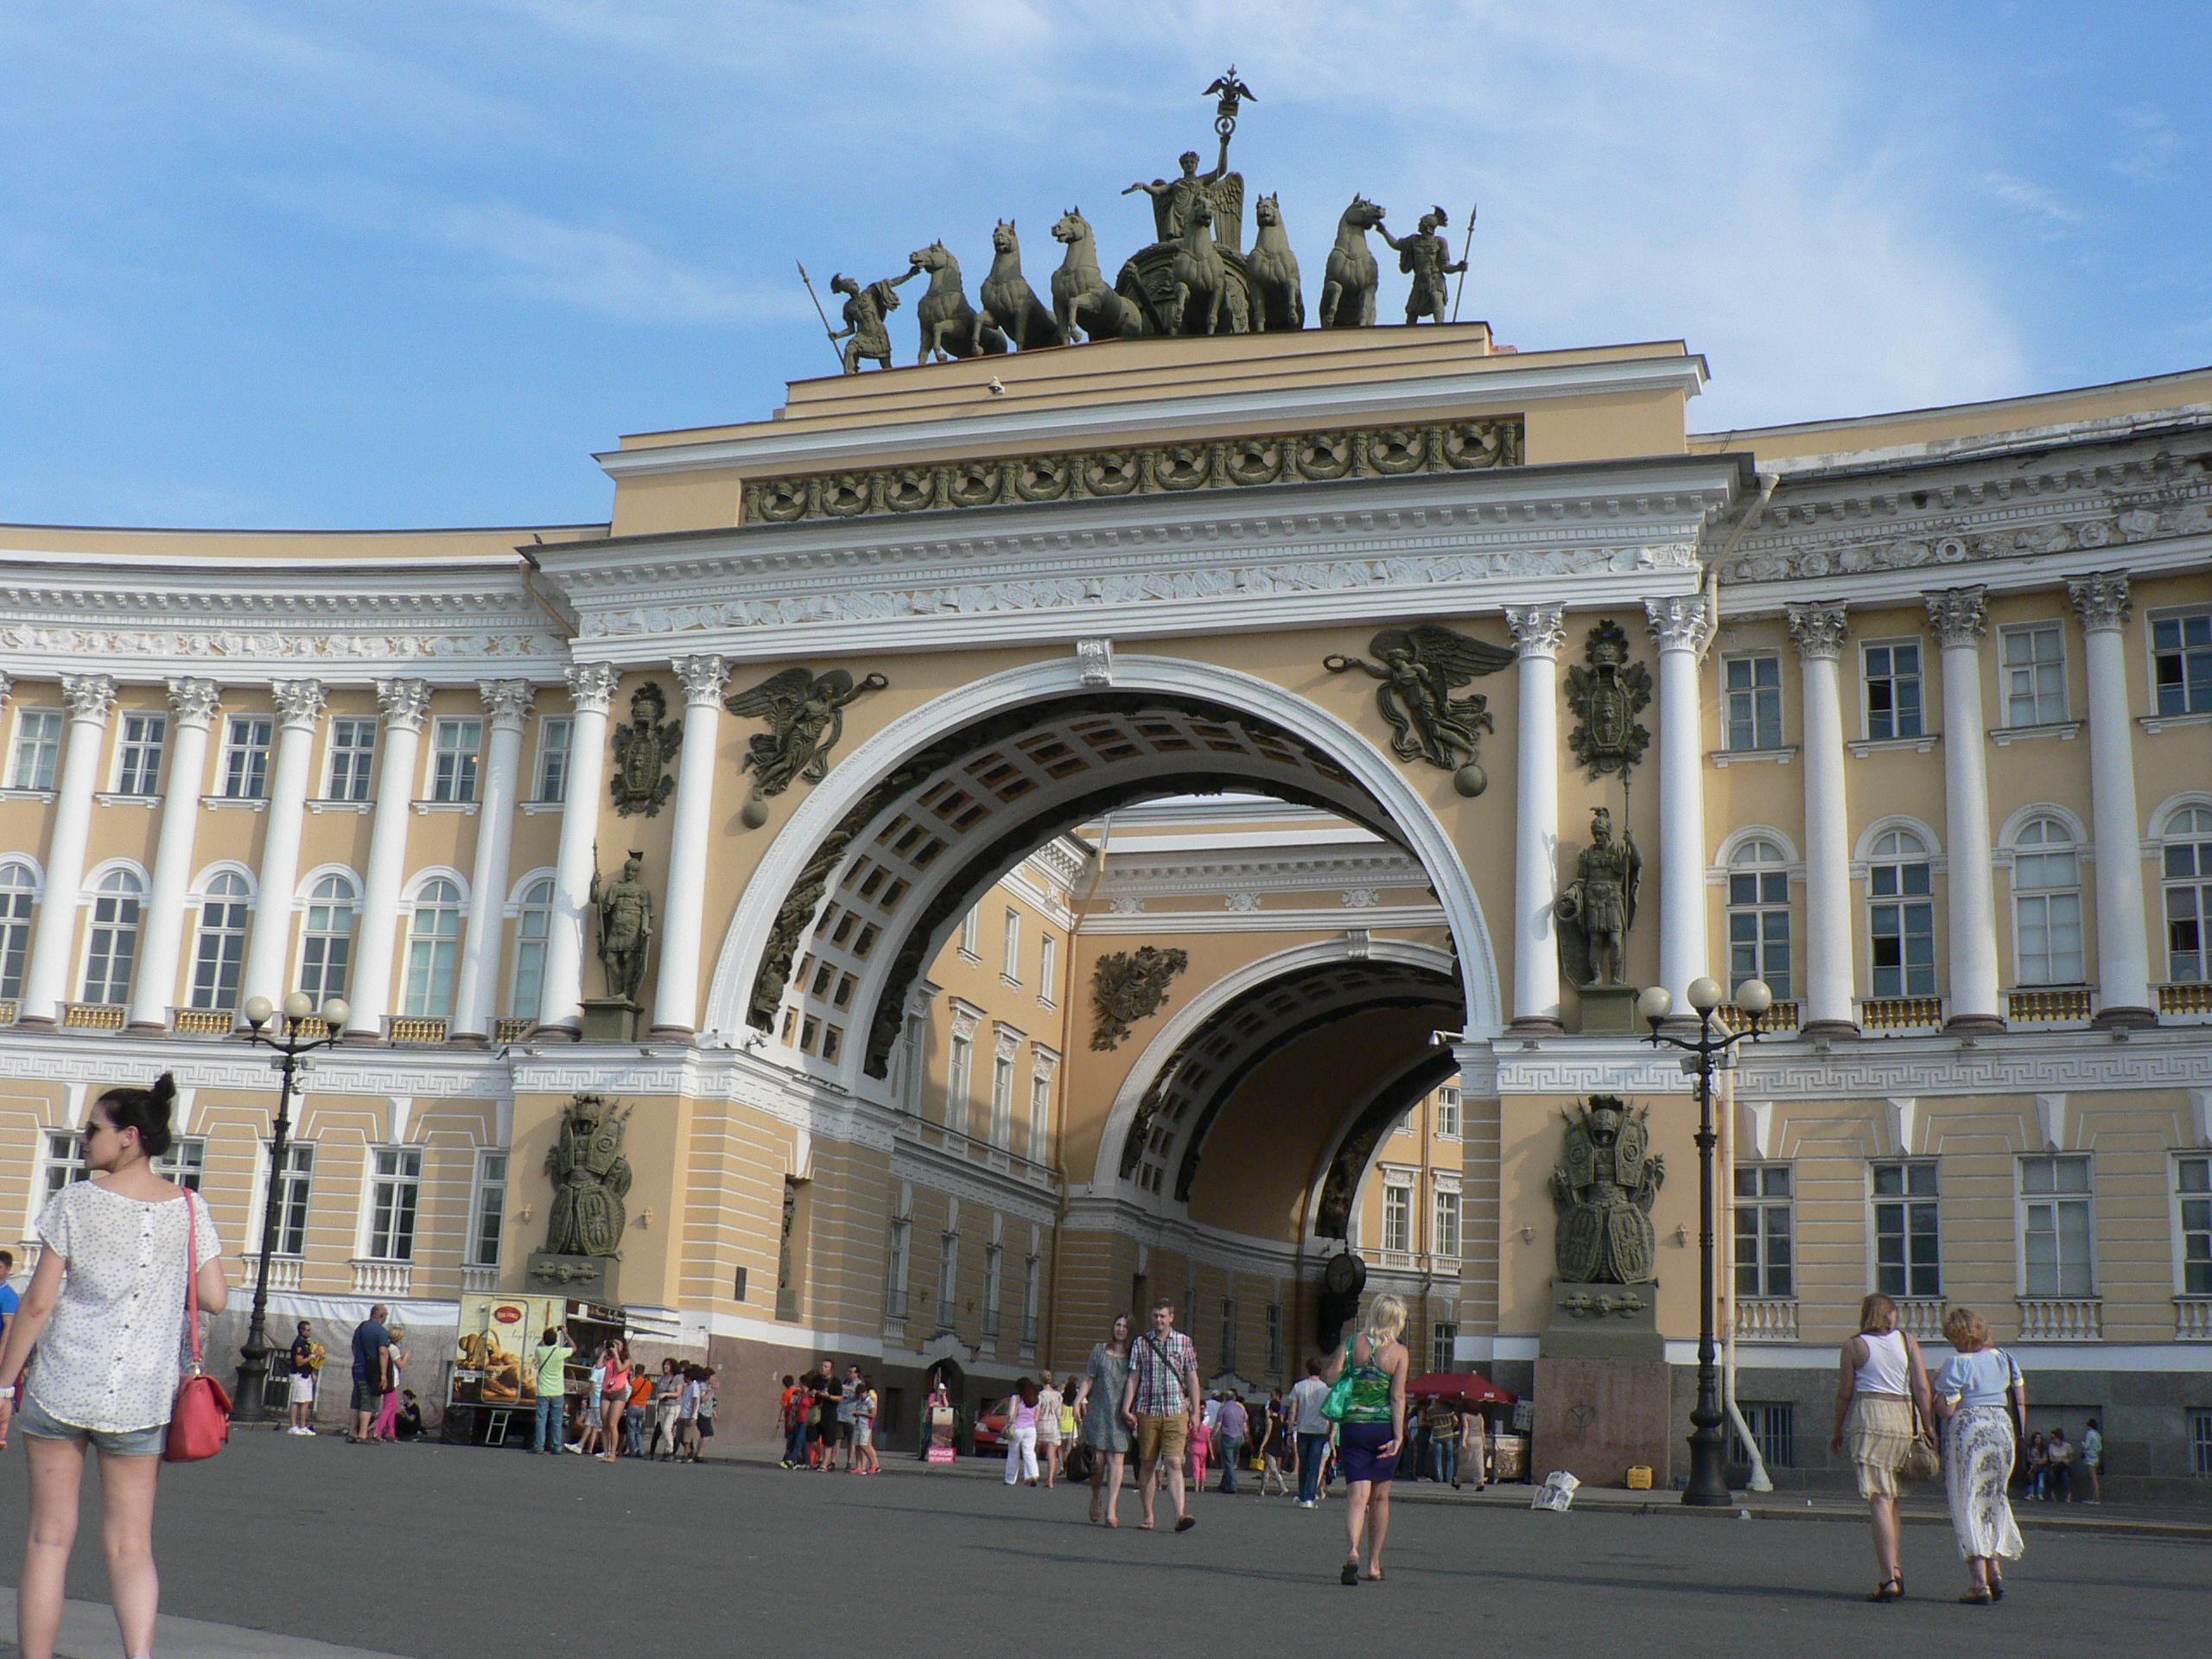 St. Petersburgda nerede yüzülecek İyi bir yer seçin 24